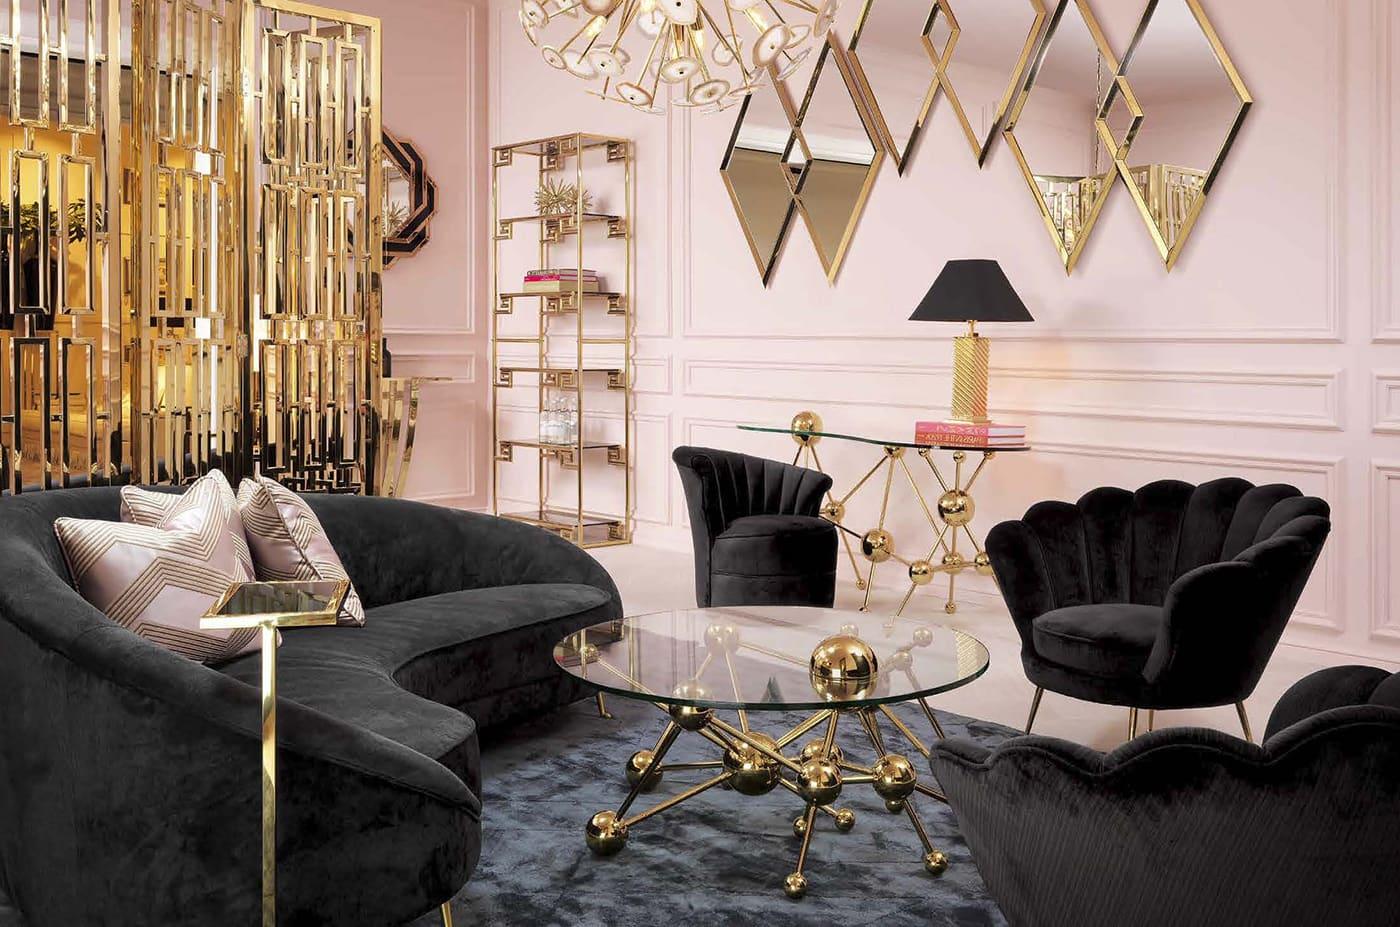 Les meubles sombres et les éléments dorés contribuent à donner à l'intérieur une ambiance bohème.